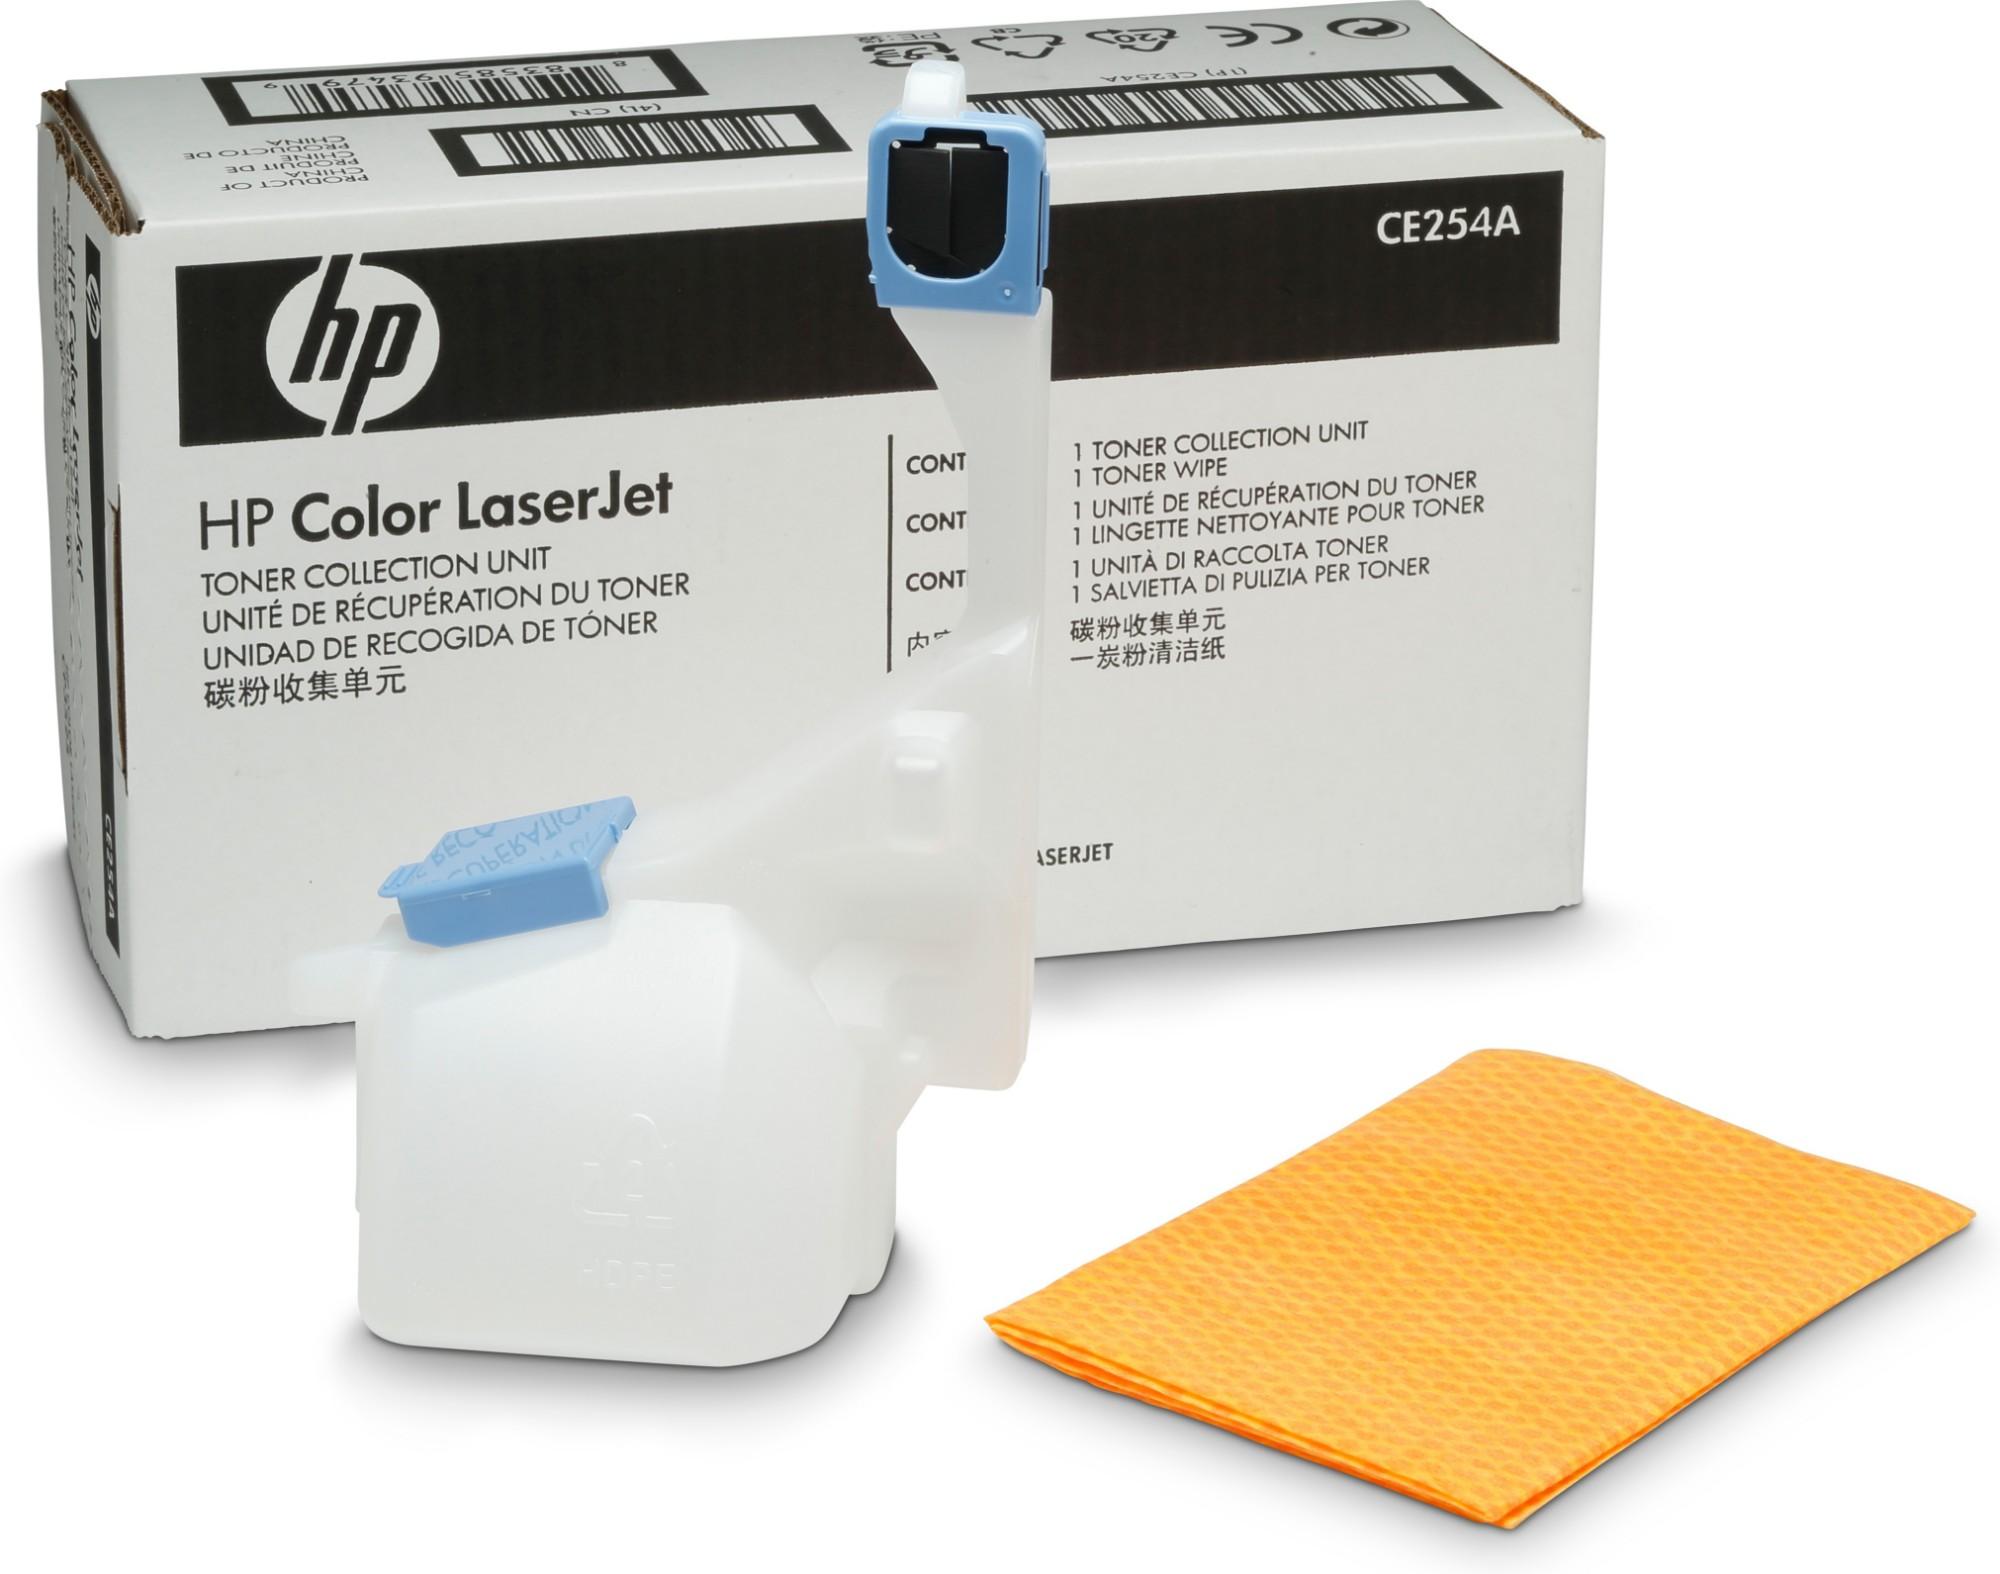 HP CE254A colector de toner 36000 páginas